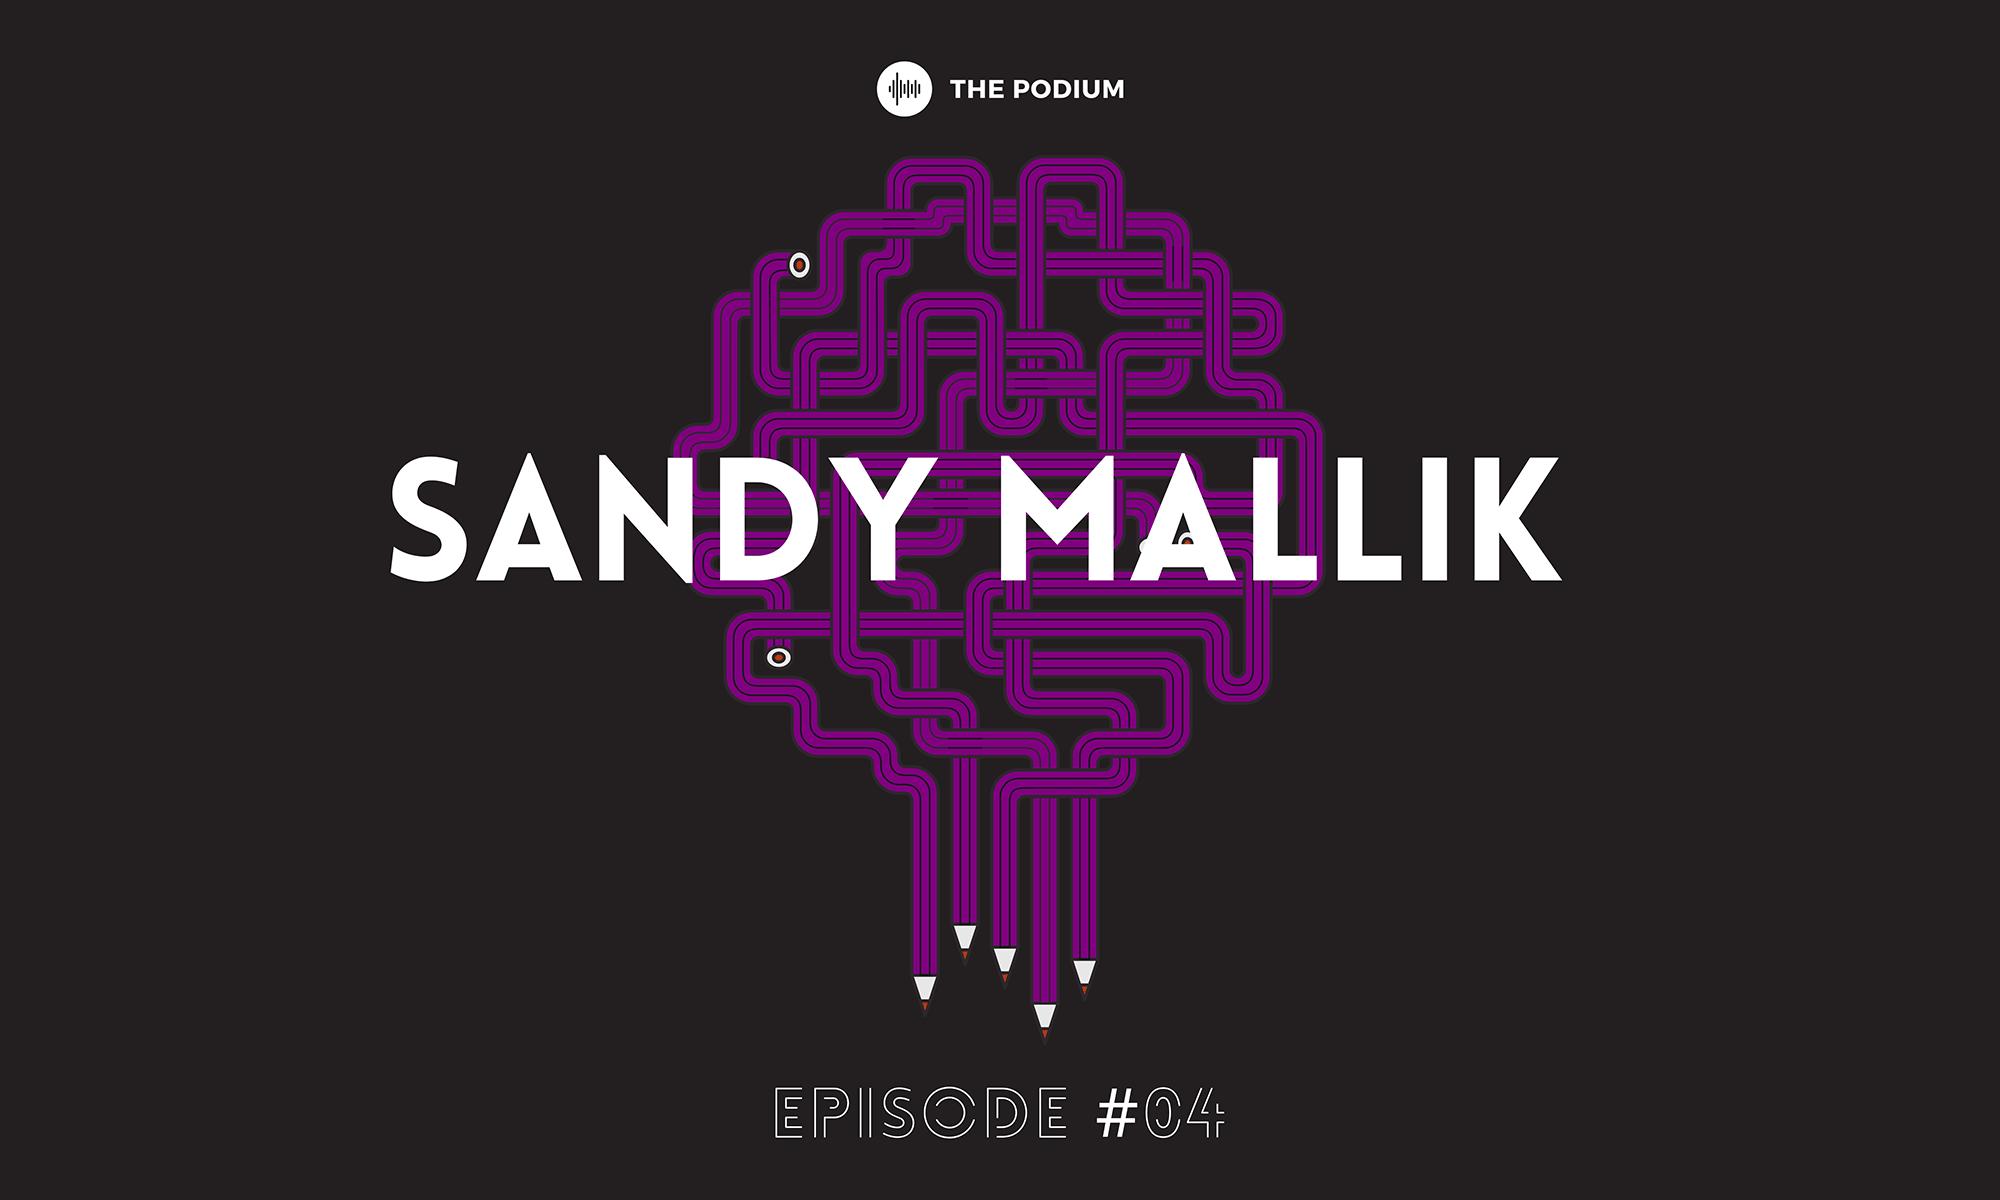 S02 EP04. Sandy Mallik, PTC